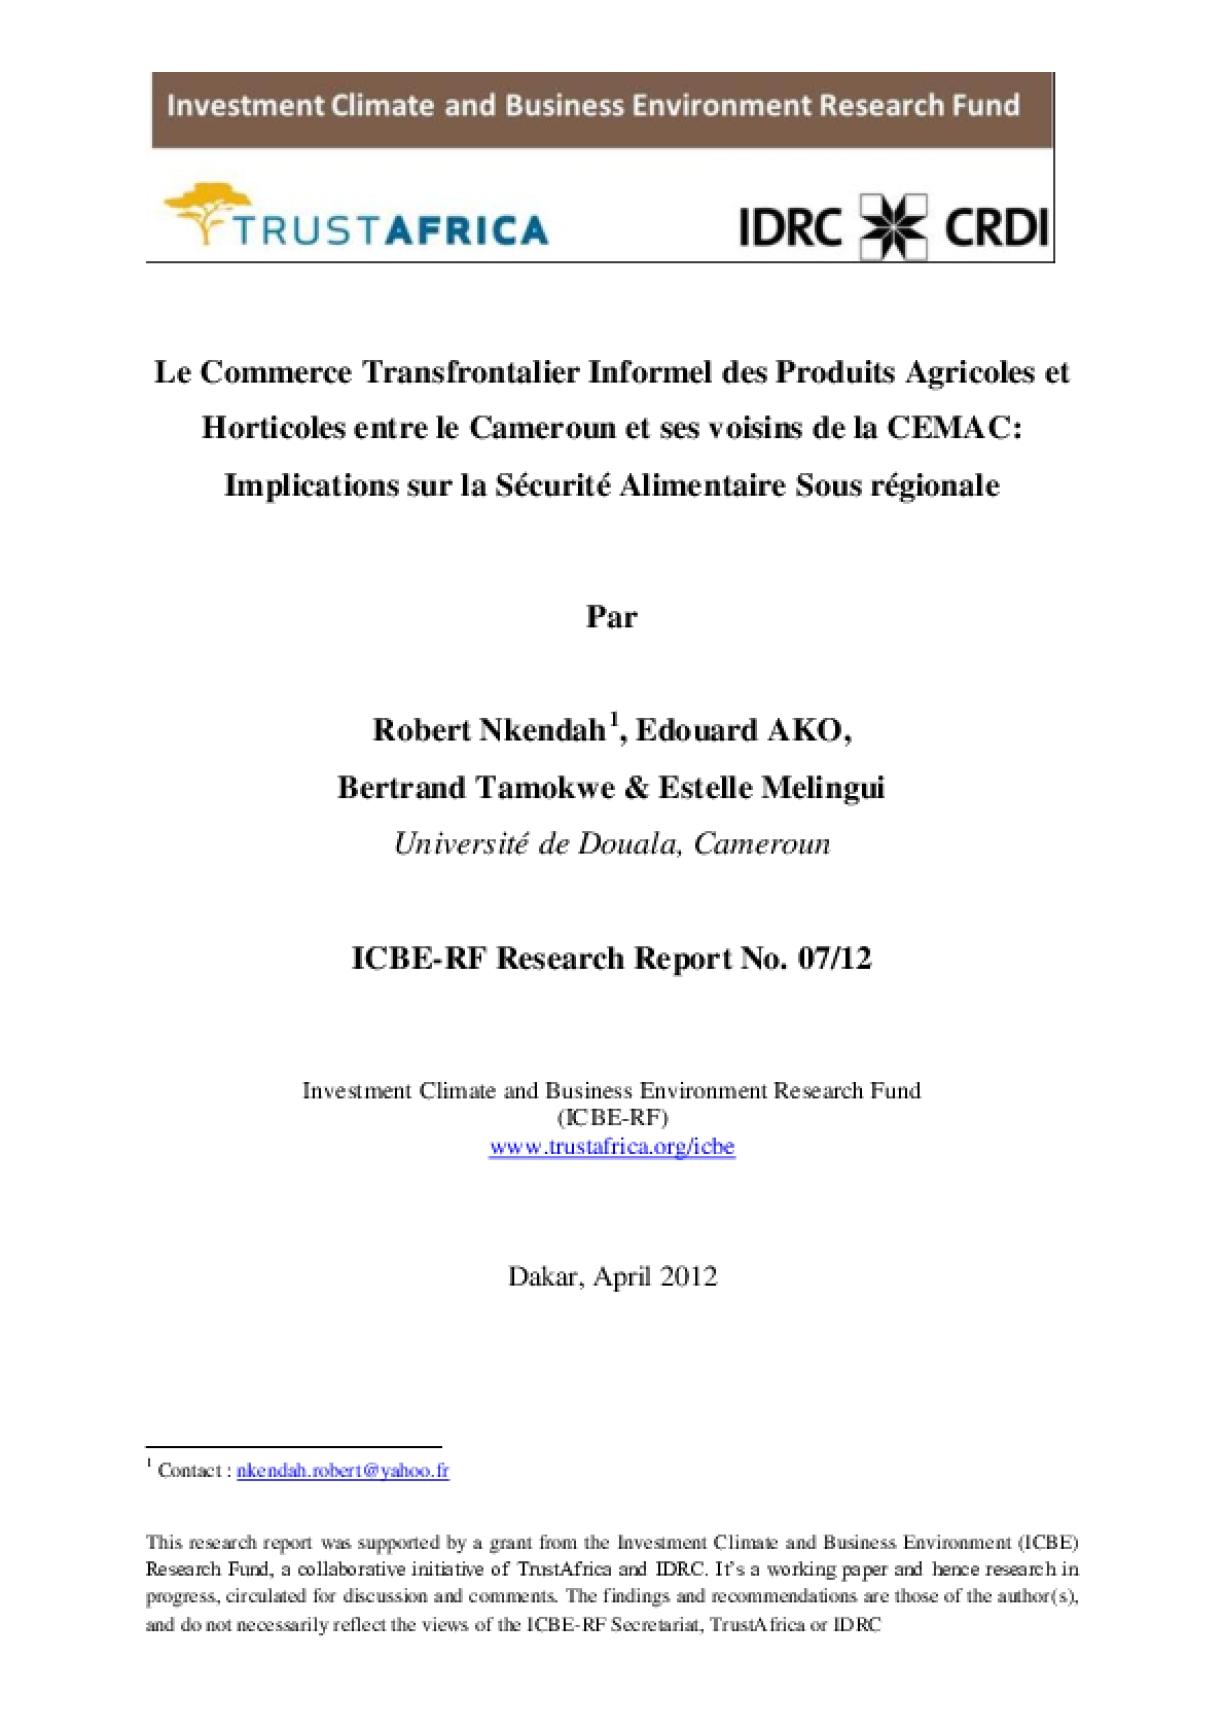 Le Commerce Transfrontalier Informel des Produits Agricoles et Horitcoles entre le Cameroun et ses voisins de la CEMAC: Implications sur la Securite Alimentaire Sous regionale